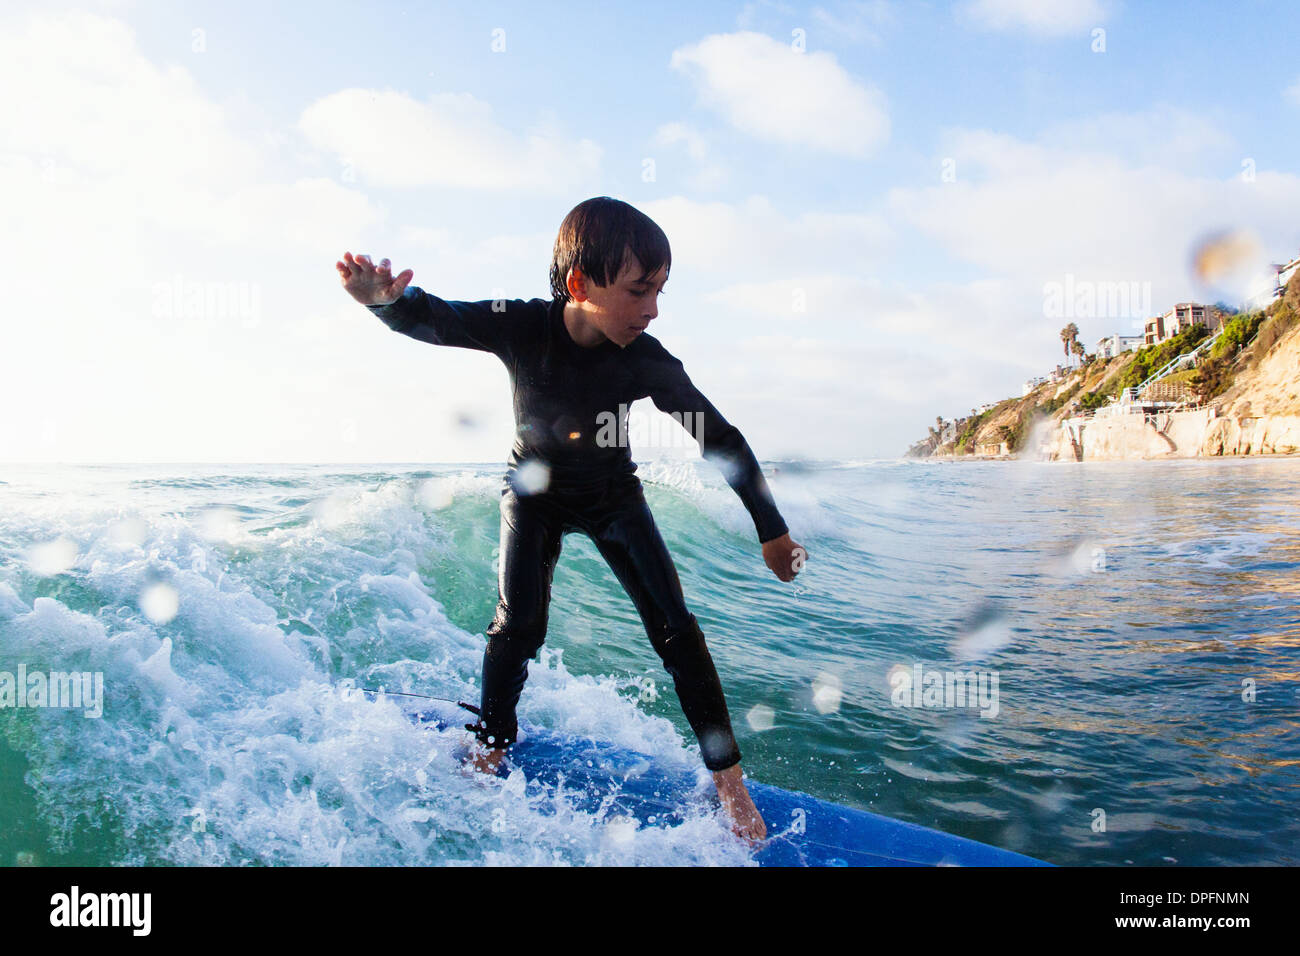 Joven surf wave, Encinitas, California, EE.UU. Imagen De Stock